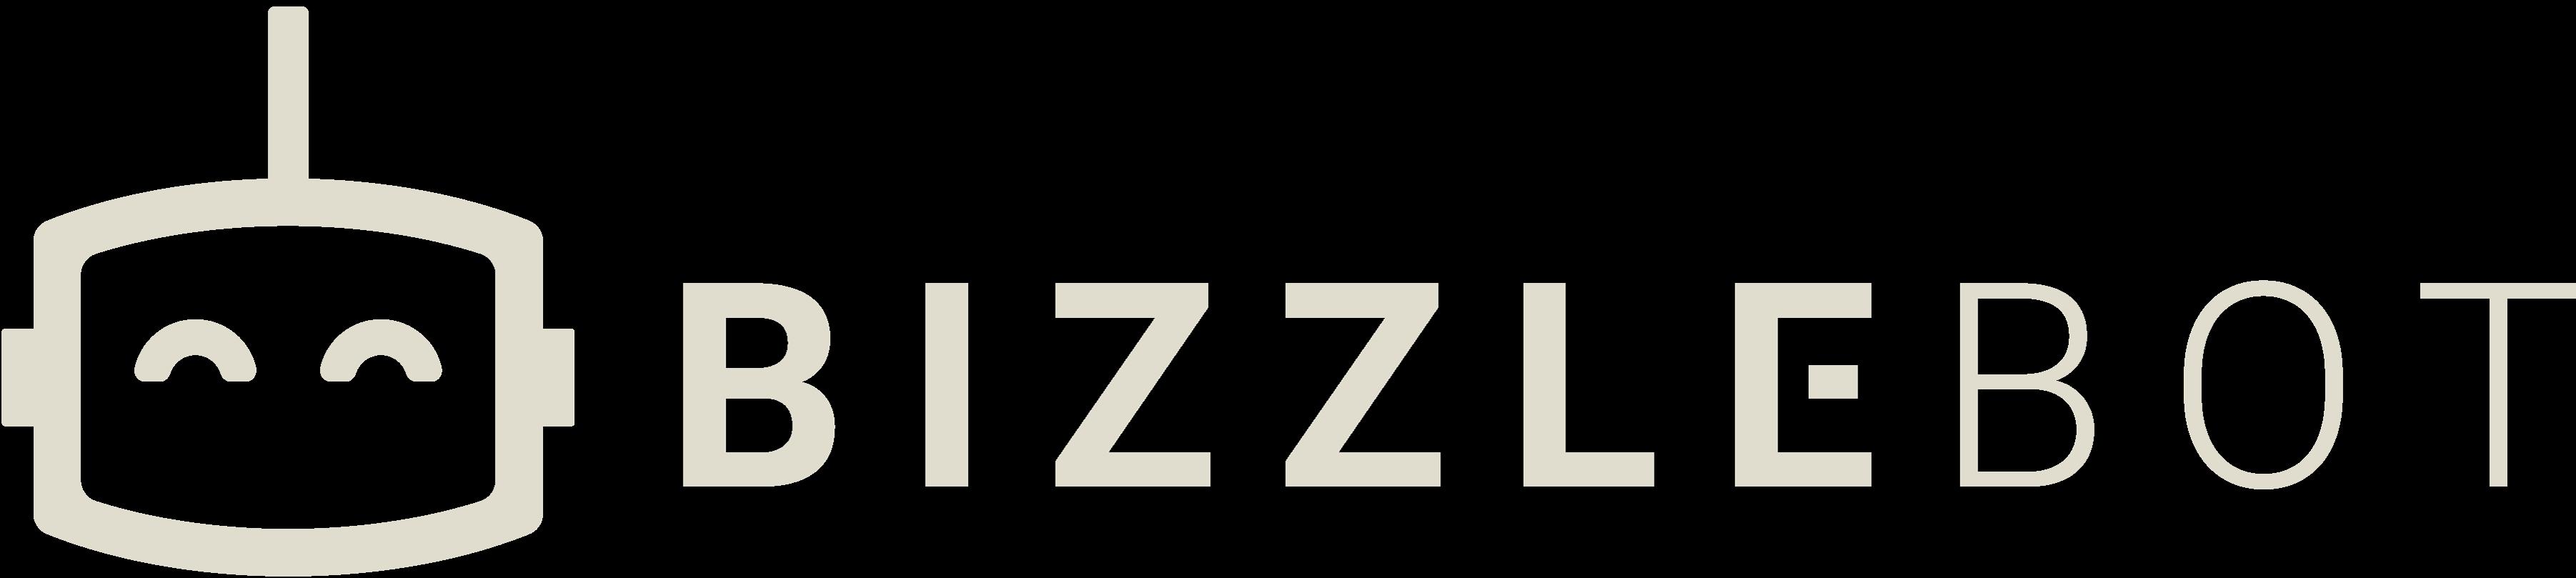 Bizzlebot